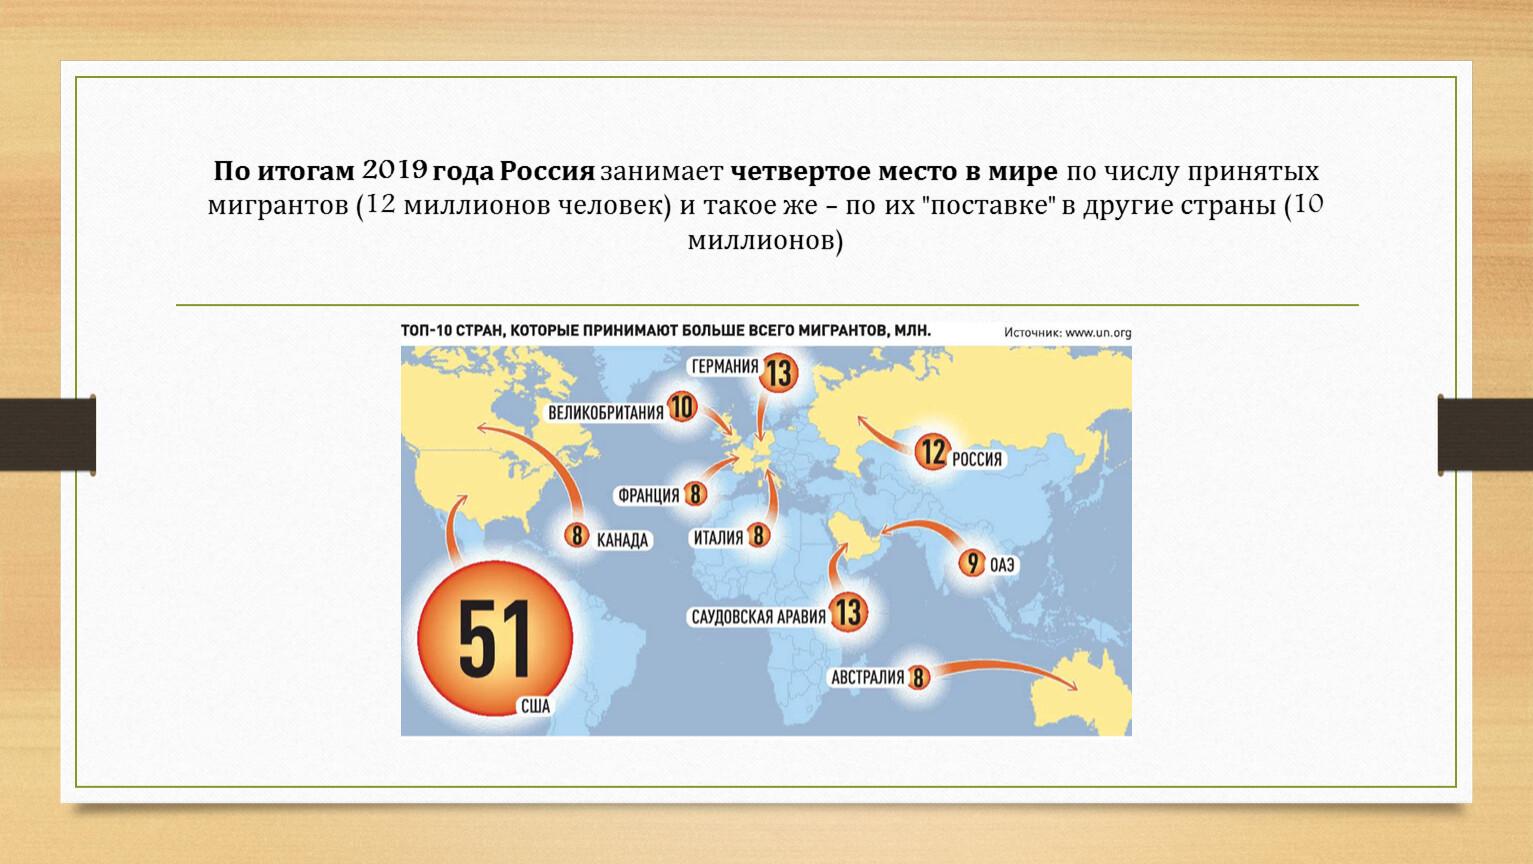 сколько процентов земли занимает россия